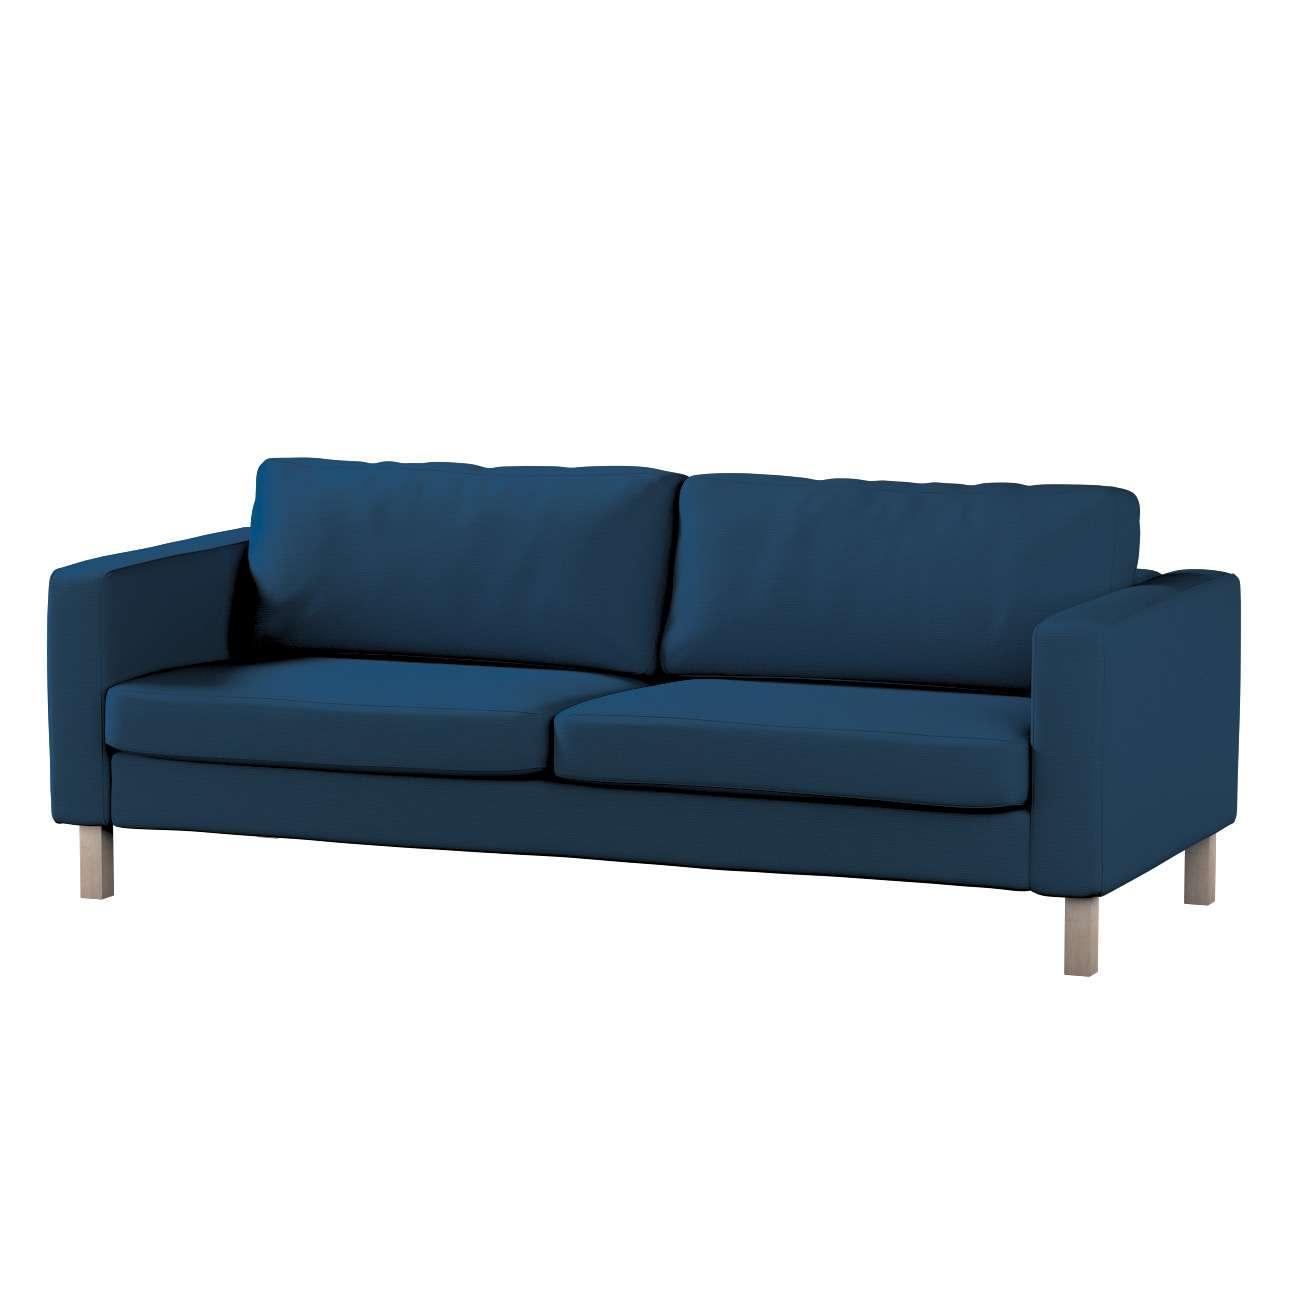 Karlstad 2-Sitzer Schlafsofabezug Karlstad 2-Sitzer ausklappbar von der Kollektion Cotton Panama, Stoff: 702-30